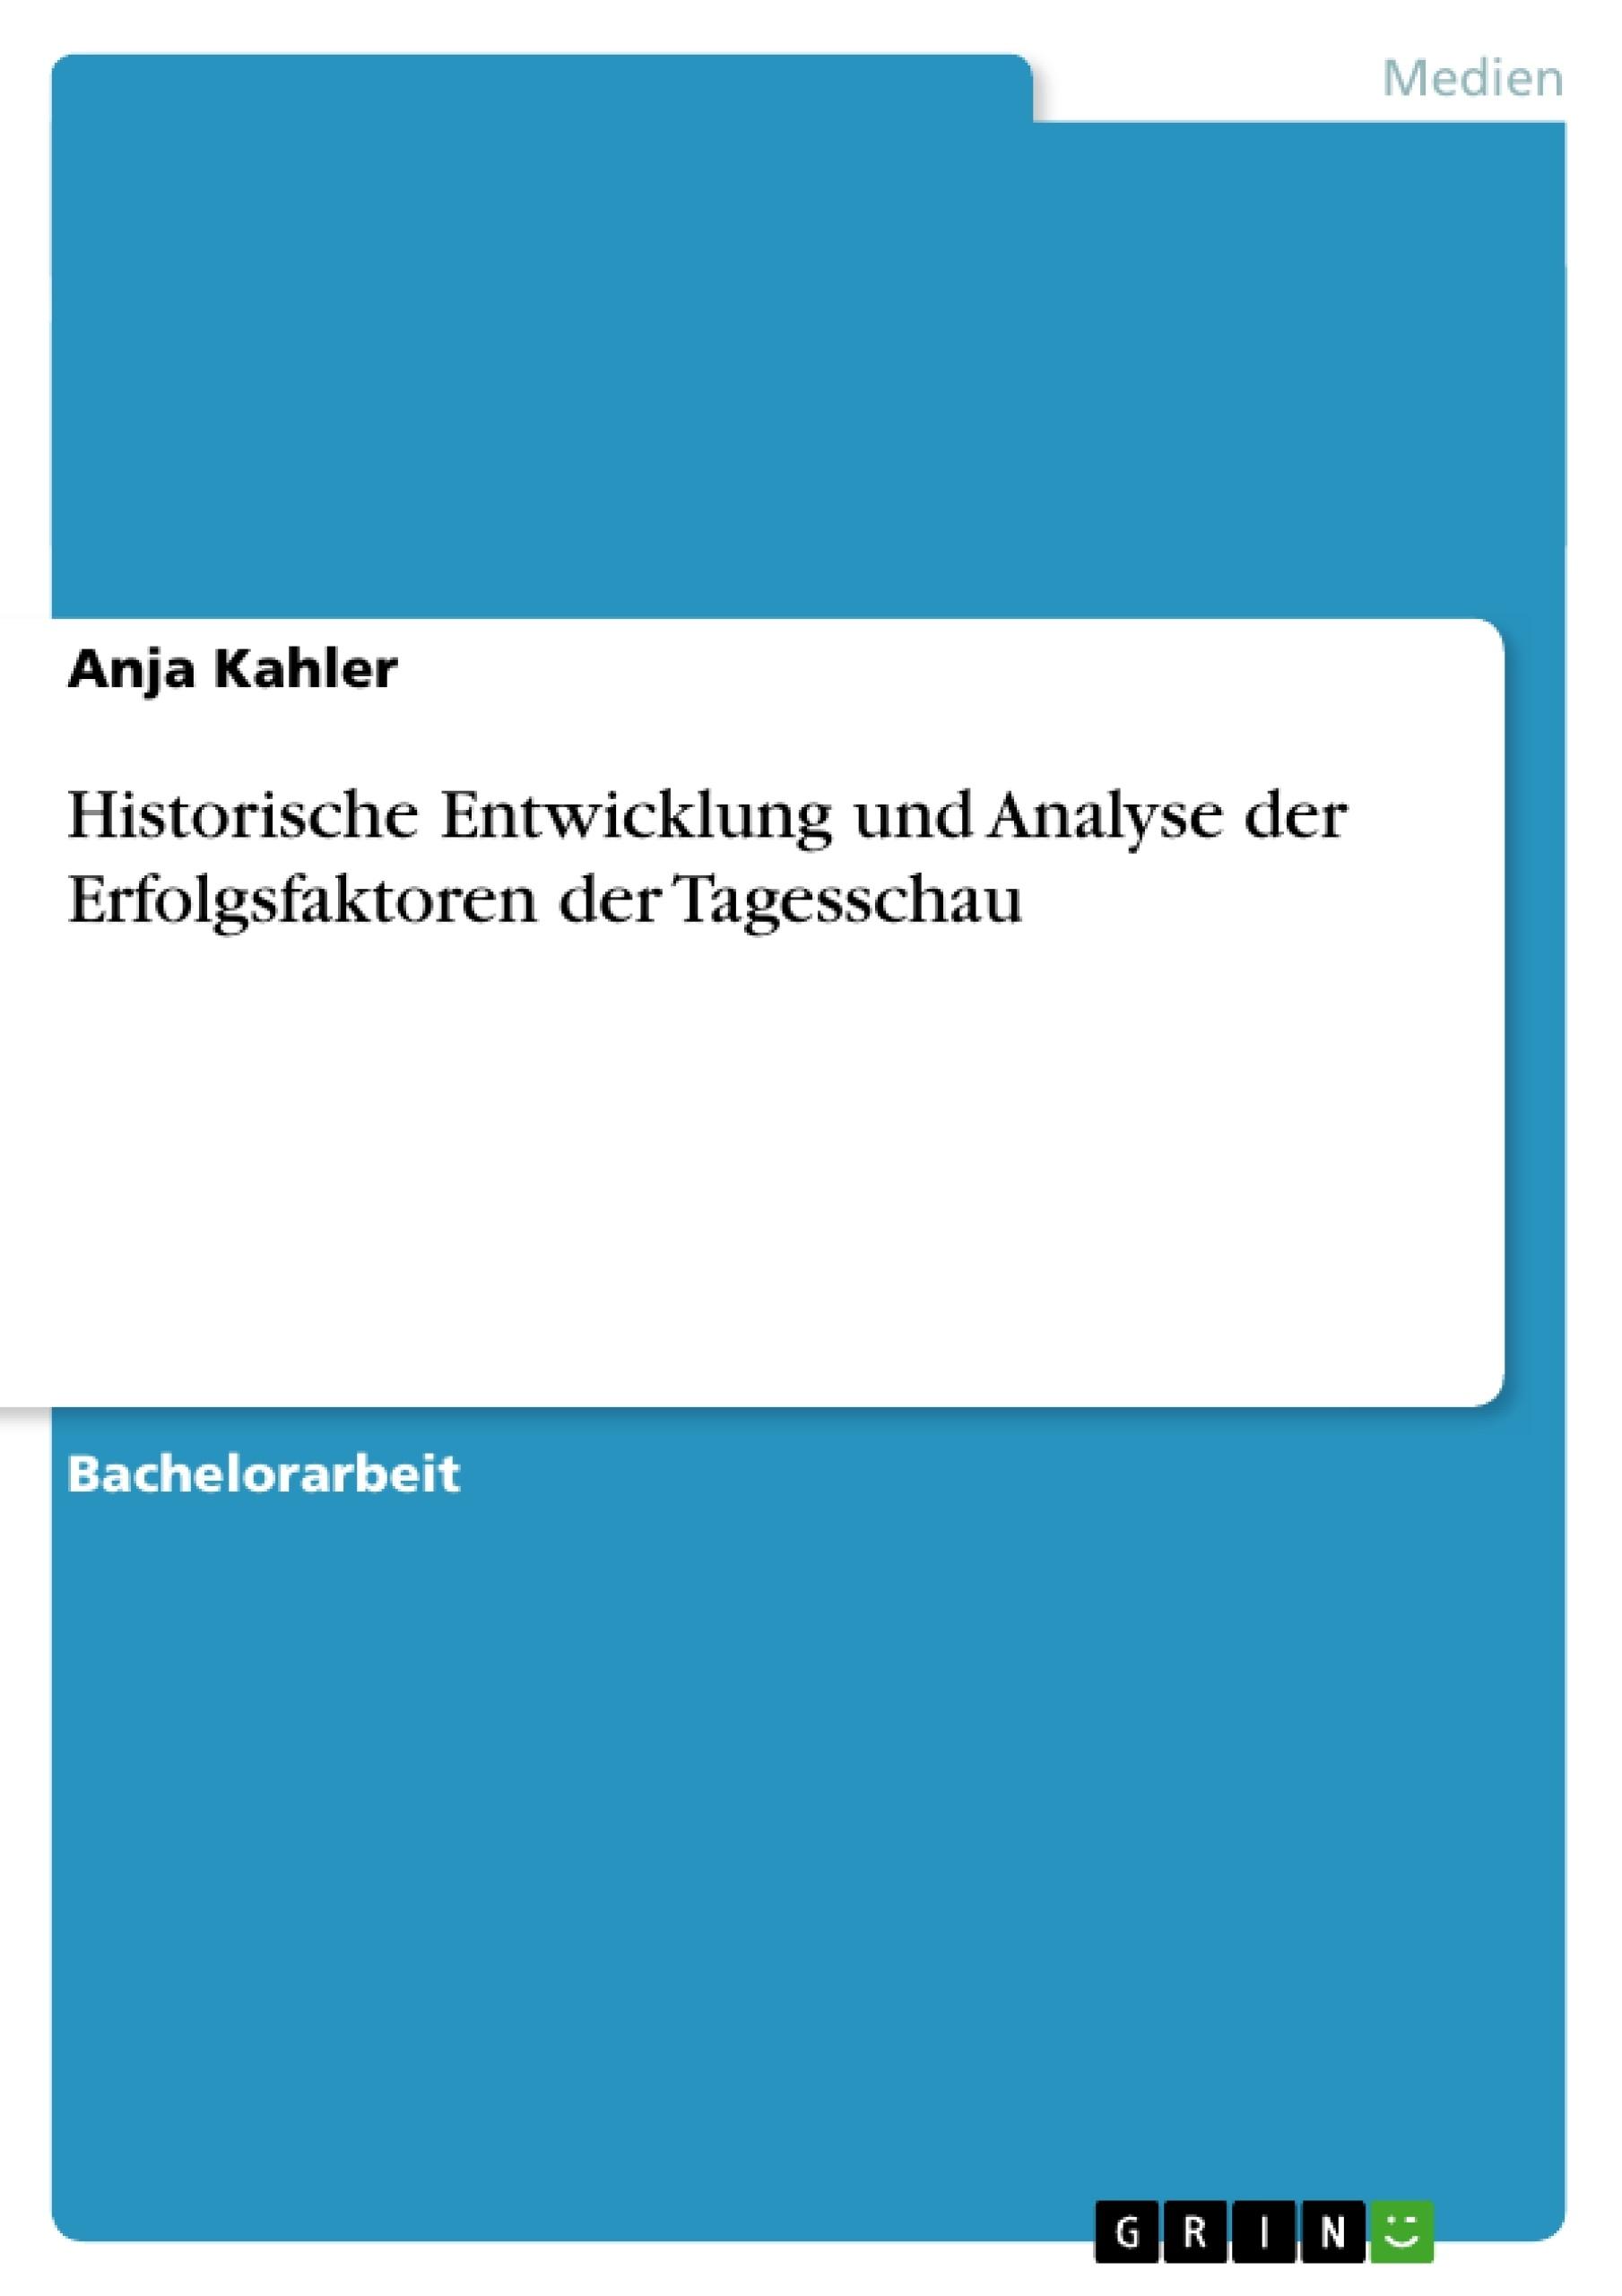 Titel: Historische Entwicklung und Analyse der Erfolgsfaktoren der Tagesschau